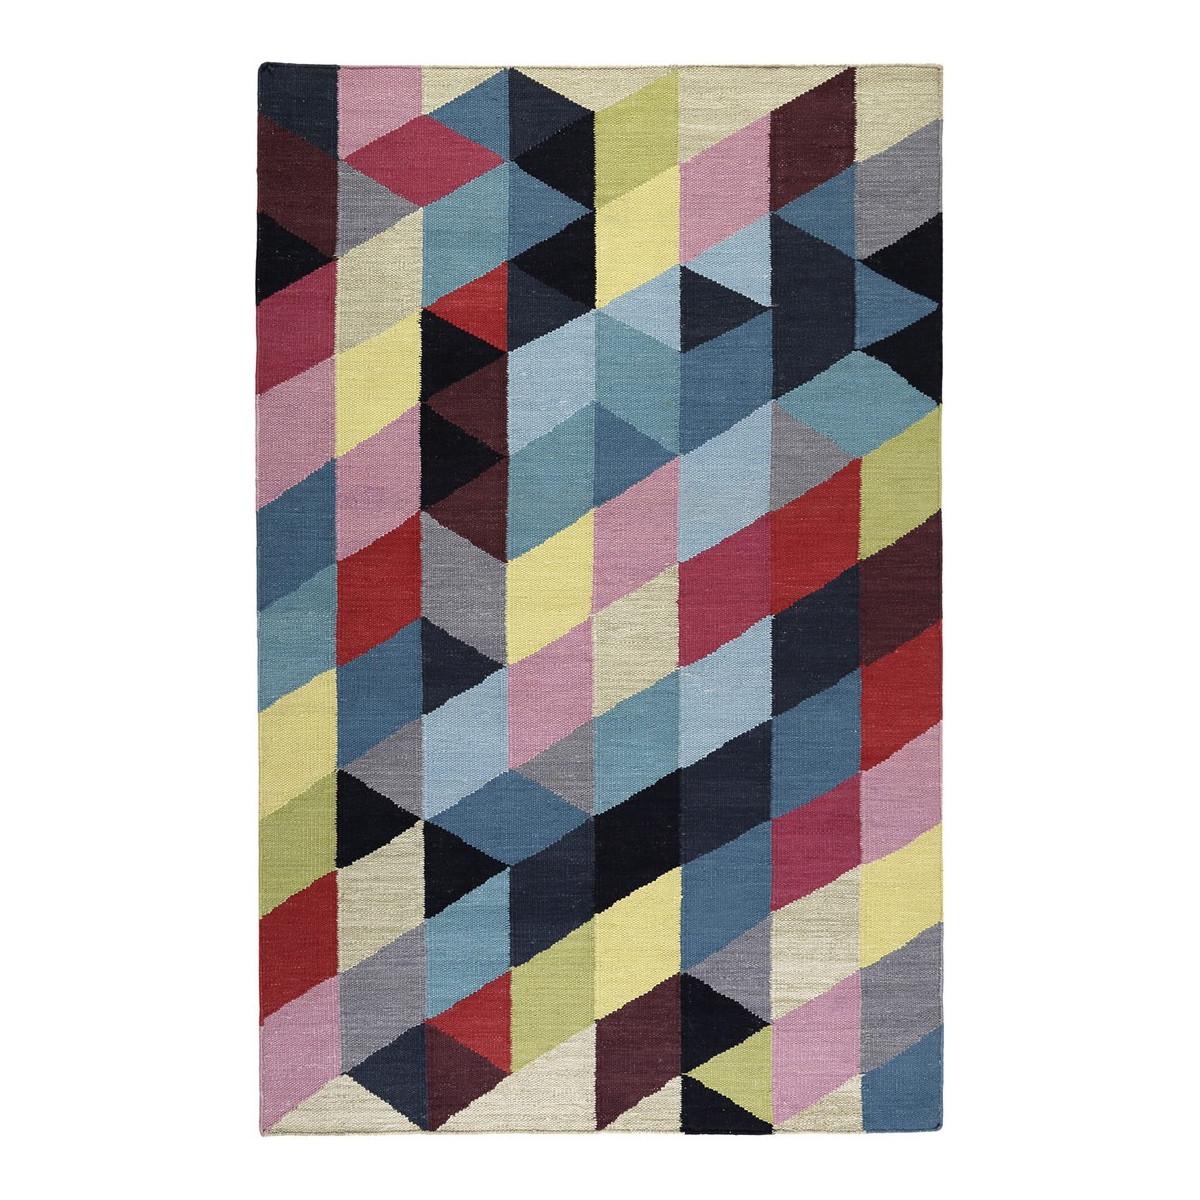 Tapis géométrique naturel en coton multicolore 160x230